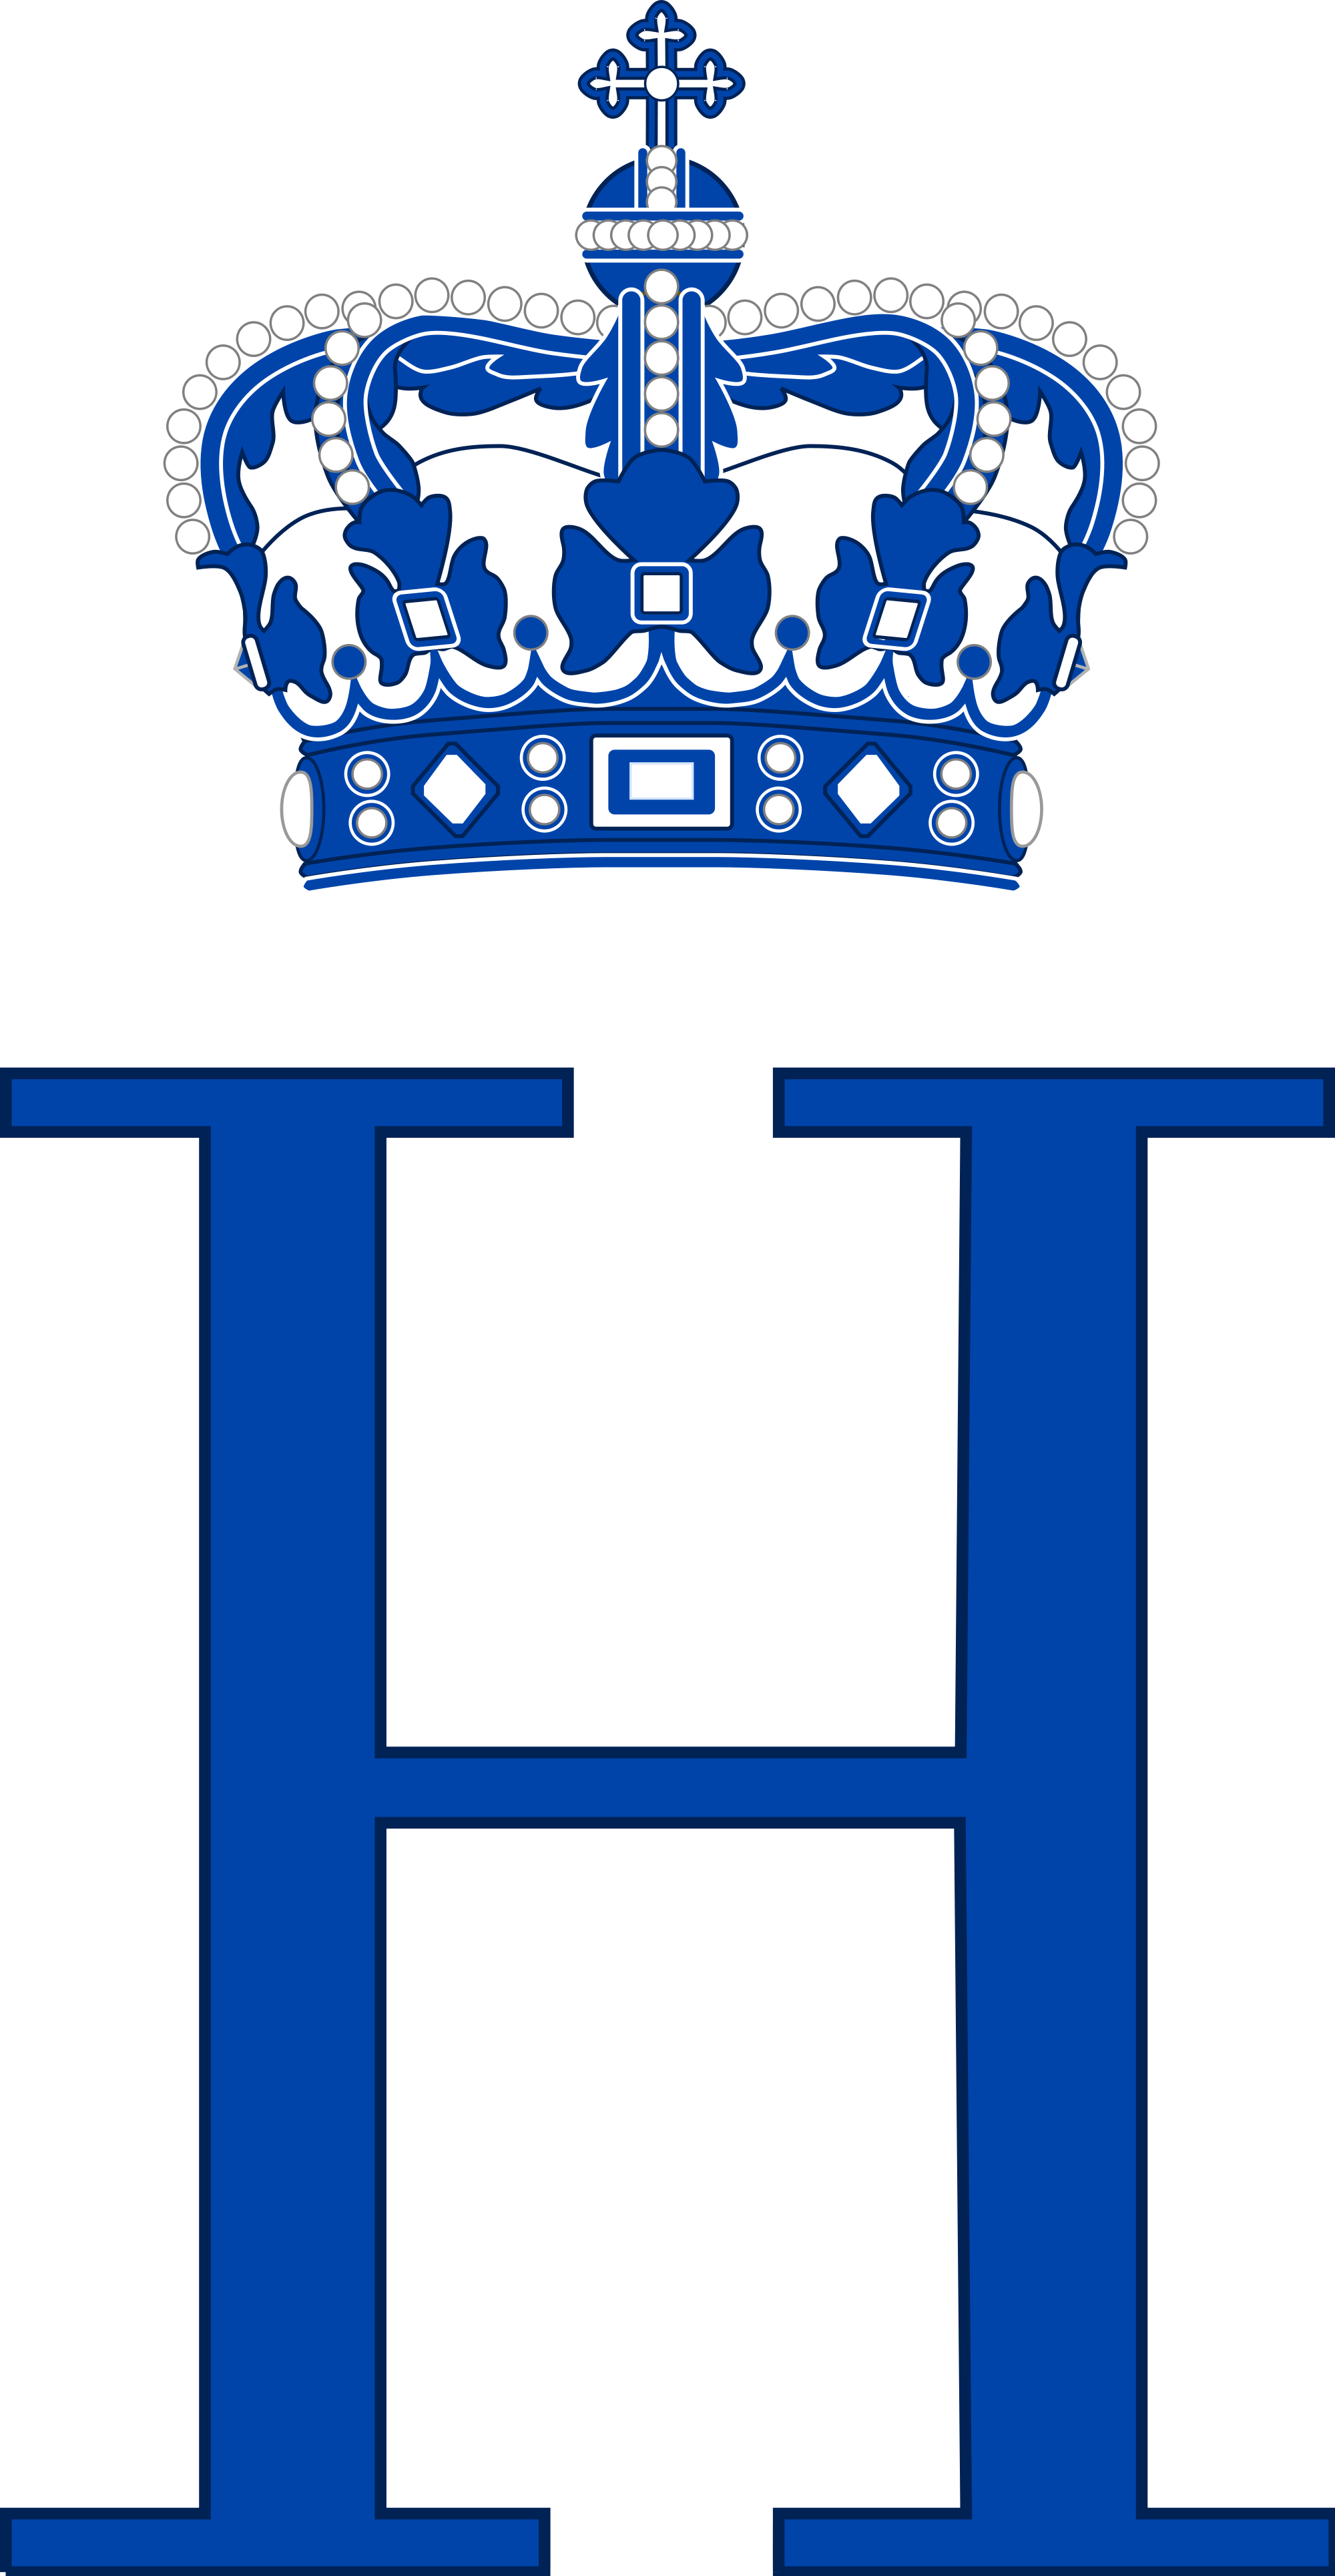 Henrik clipart #3